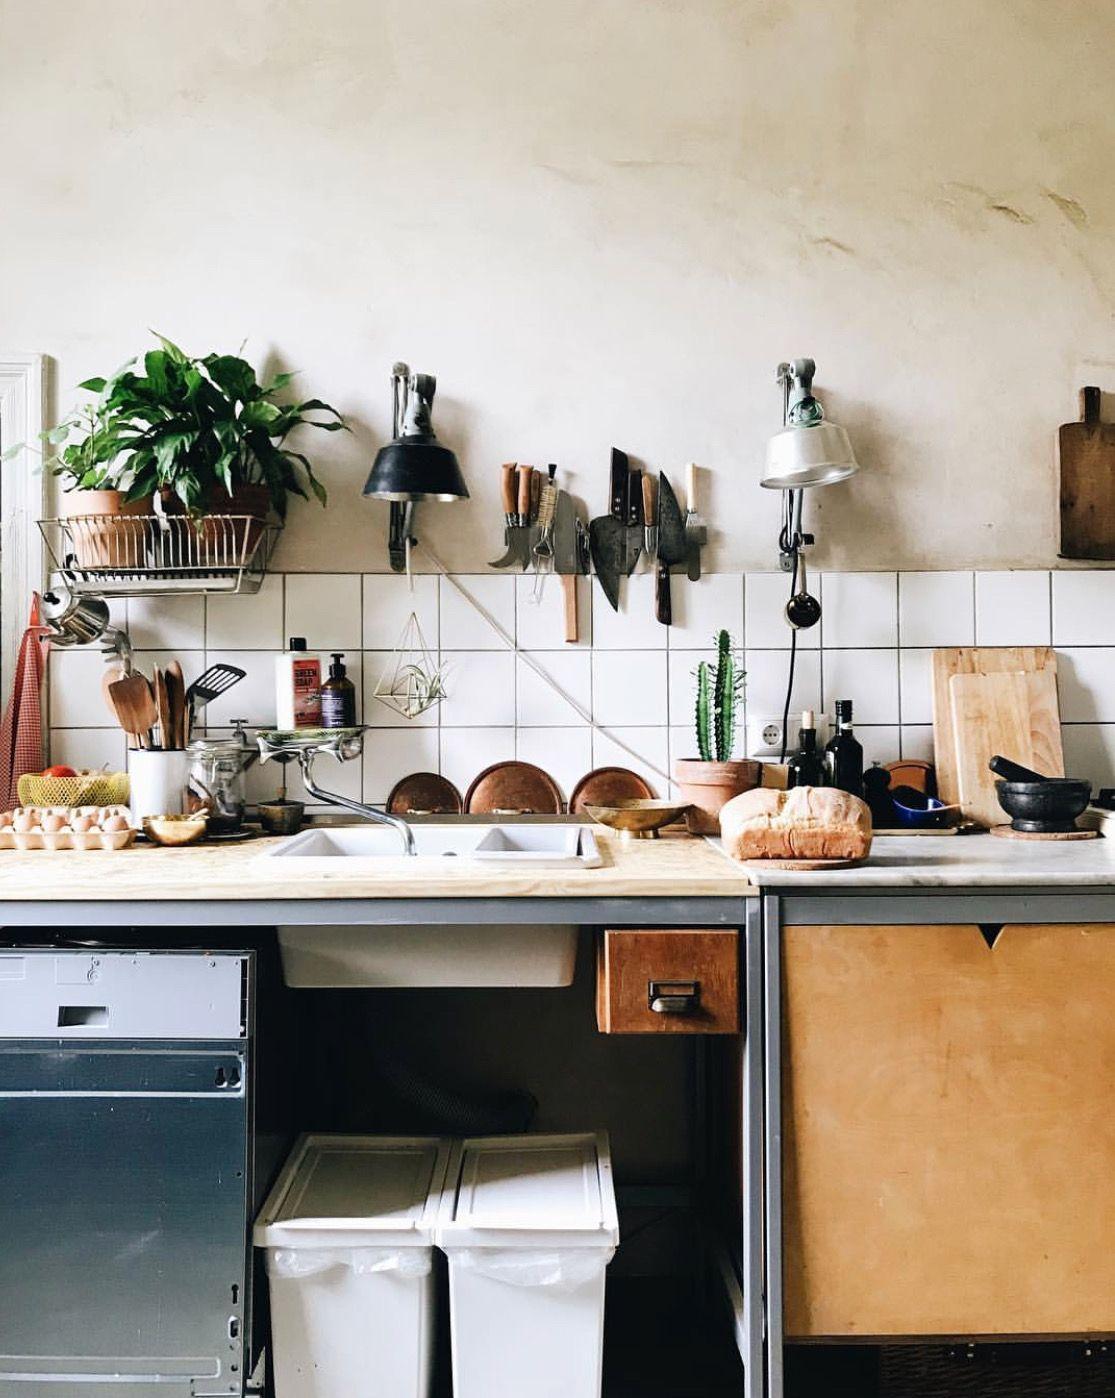 Home By Theodora Melnik Wohnung Kuche Kuche Gestalten Kuchen Ideen